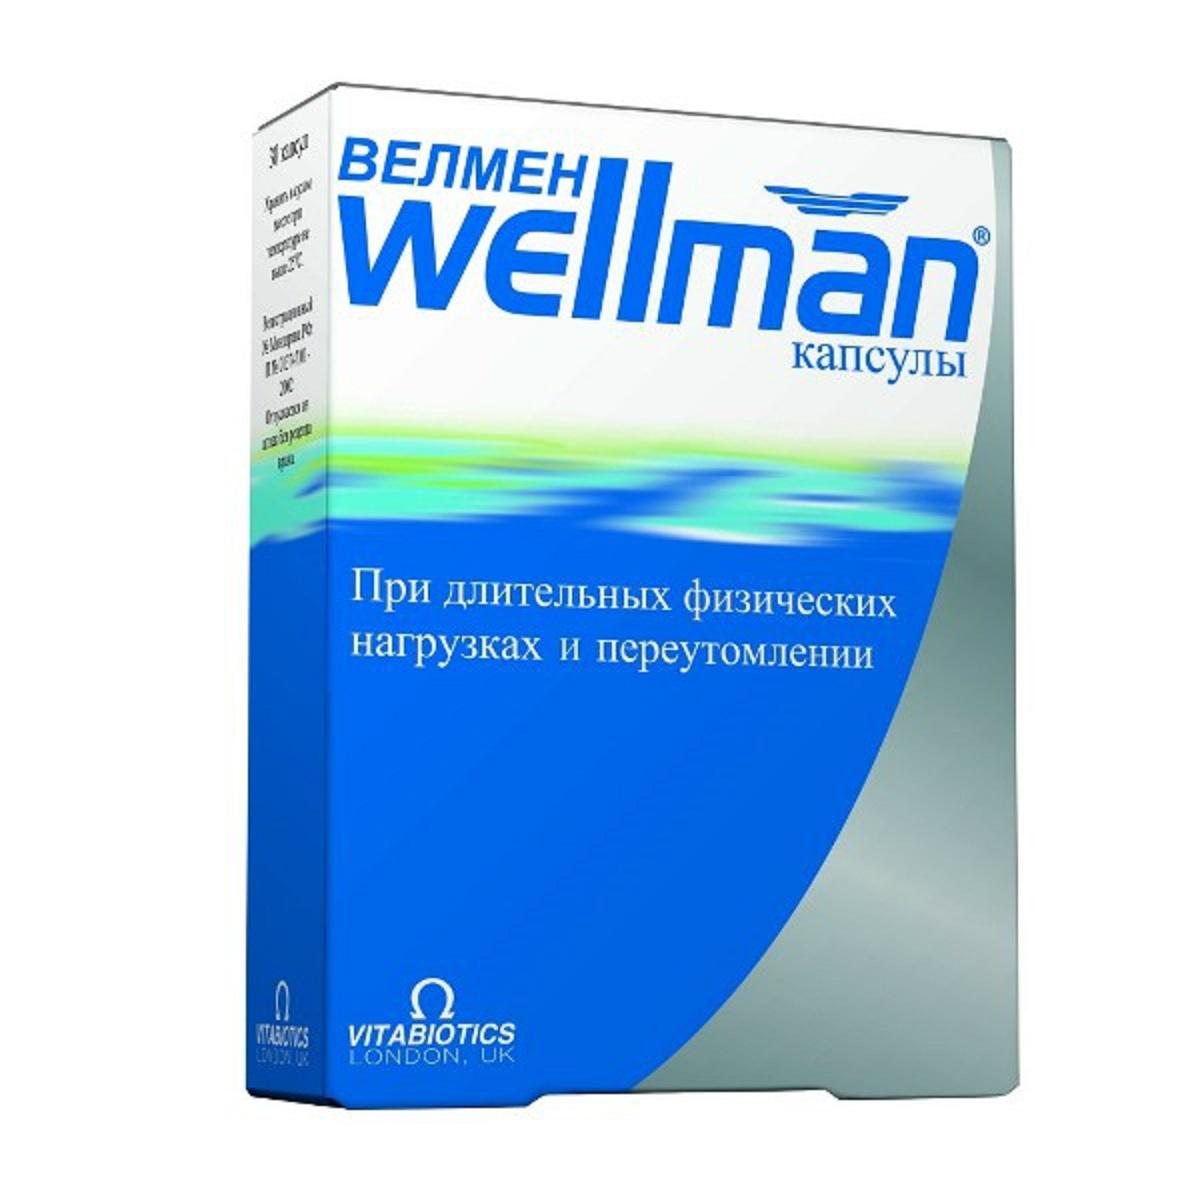 Велвумен капсулы 1262 мг №30210844Фармакологическое действие - восполняющее дефицит витаминов и микроэлементов.Рекомендации по применению: взрослым по 1 капсуле в день во время еды. Продолжительность приема - 1 месяц. Сфера применения: ВитаминологияМакро- и микроэлементы